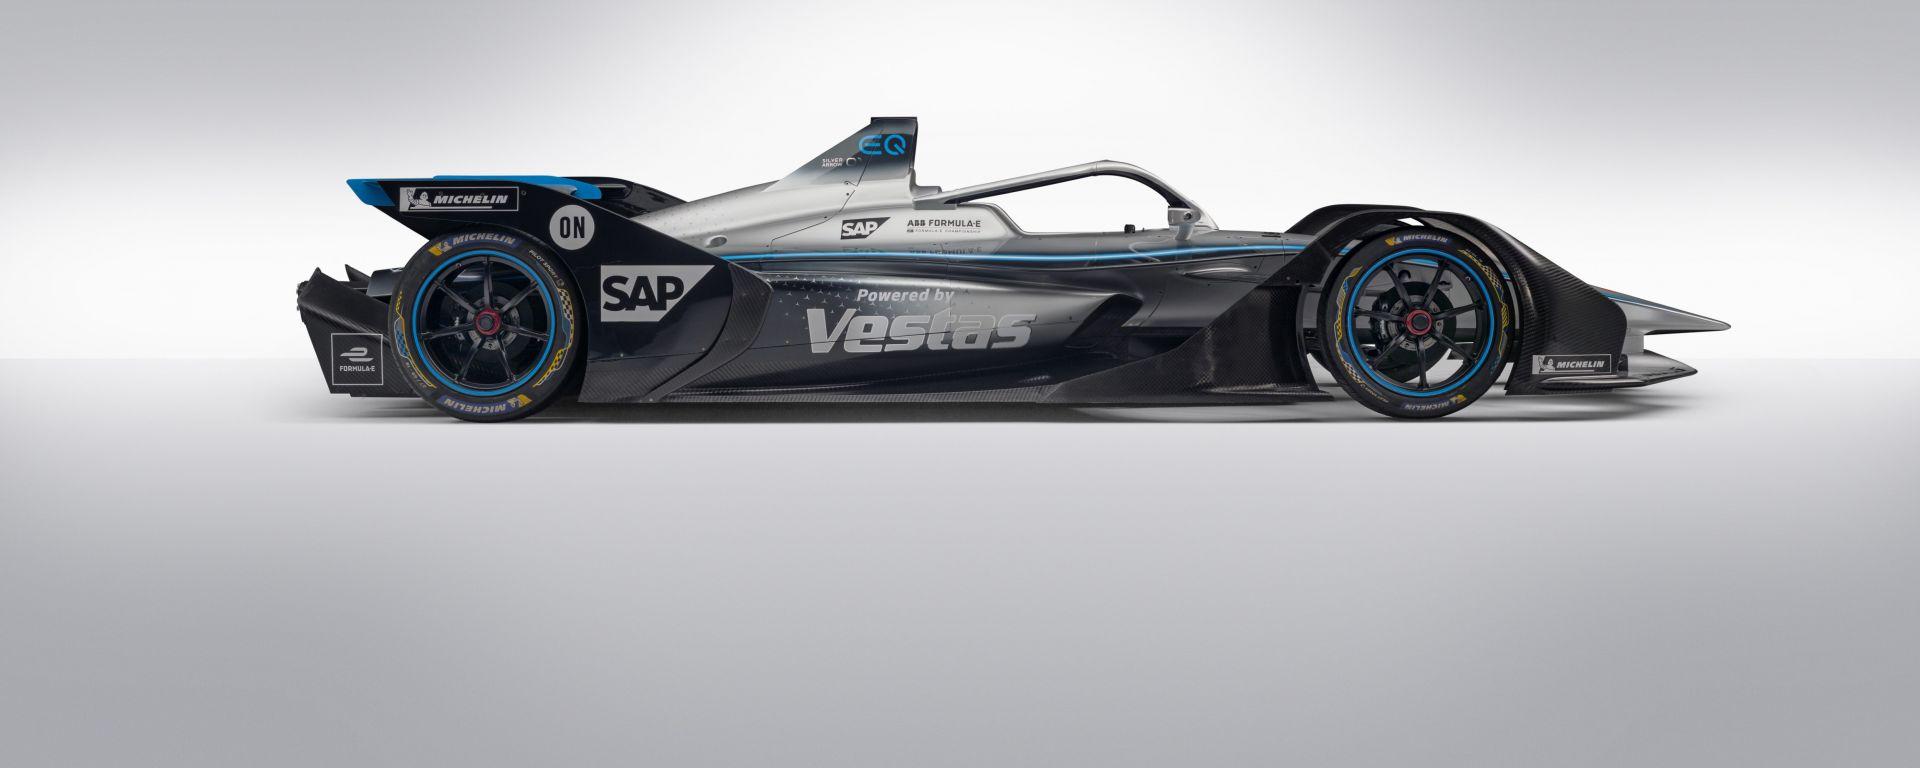 Formula E 2019-2020, presentazione Mercedes EQ Silver Arrow 01: vista laterale